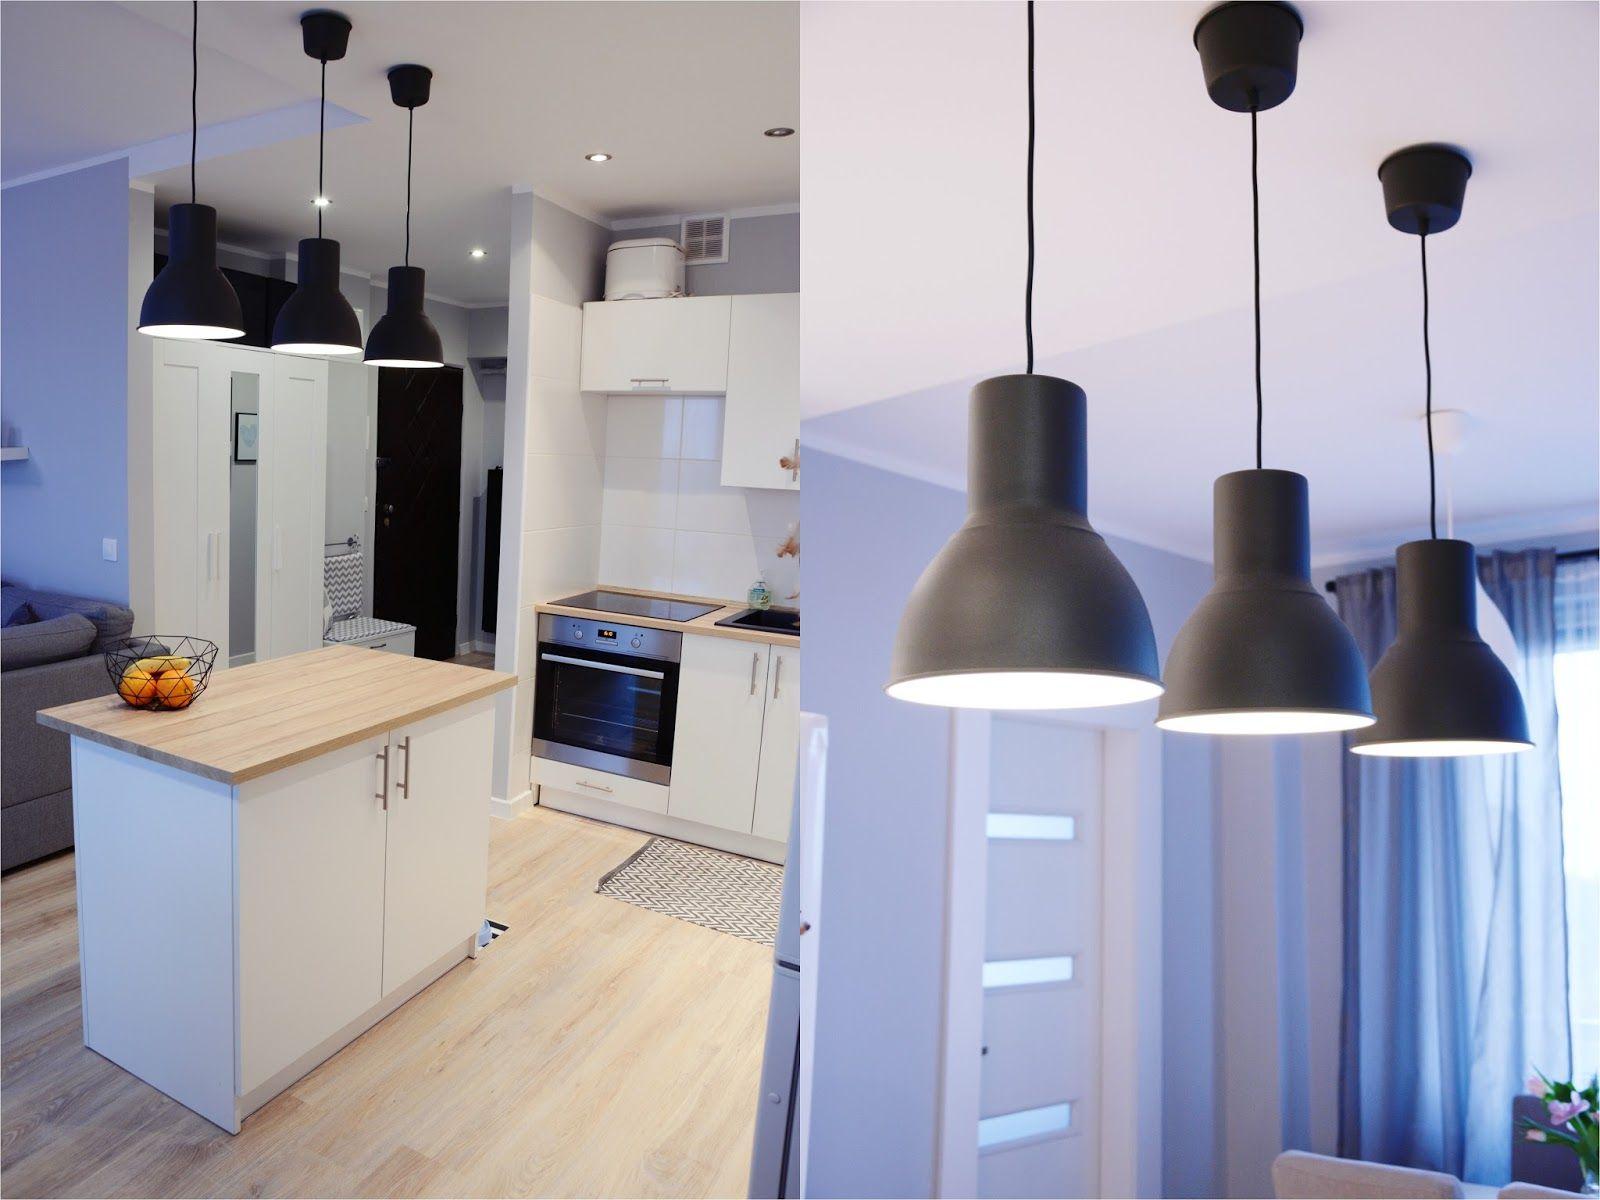 Inspiracje Jak Tanio Wyremontowac Mieszkanie Tani Remont Jak Tanio Wyremontowac M3 Szare Mieszkanie Mieszkanie W Bloku W S Ceiling Lights Home Decor Decor